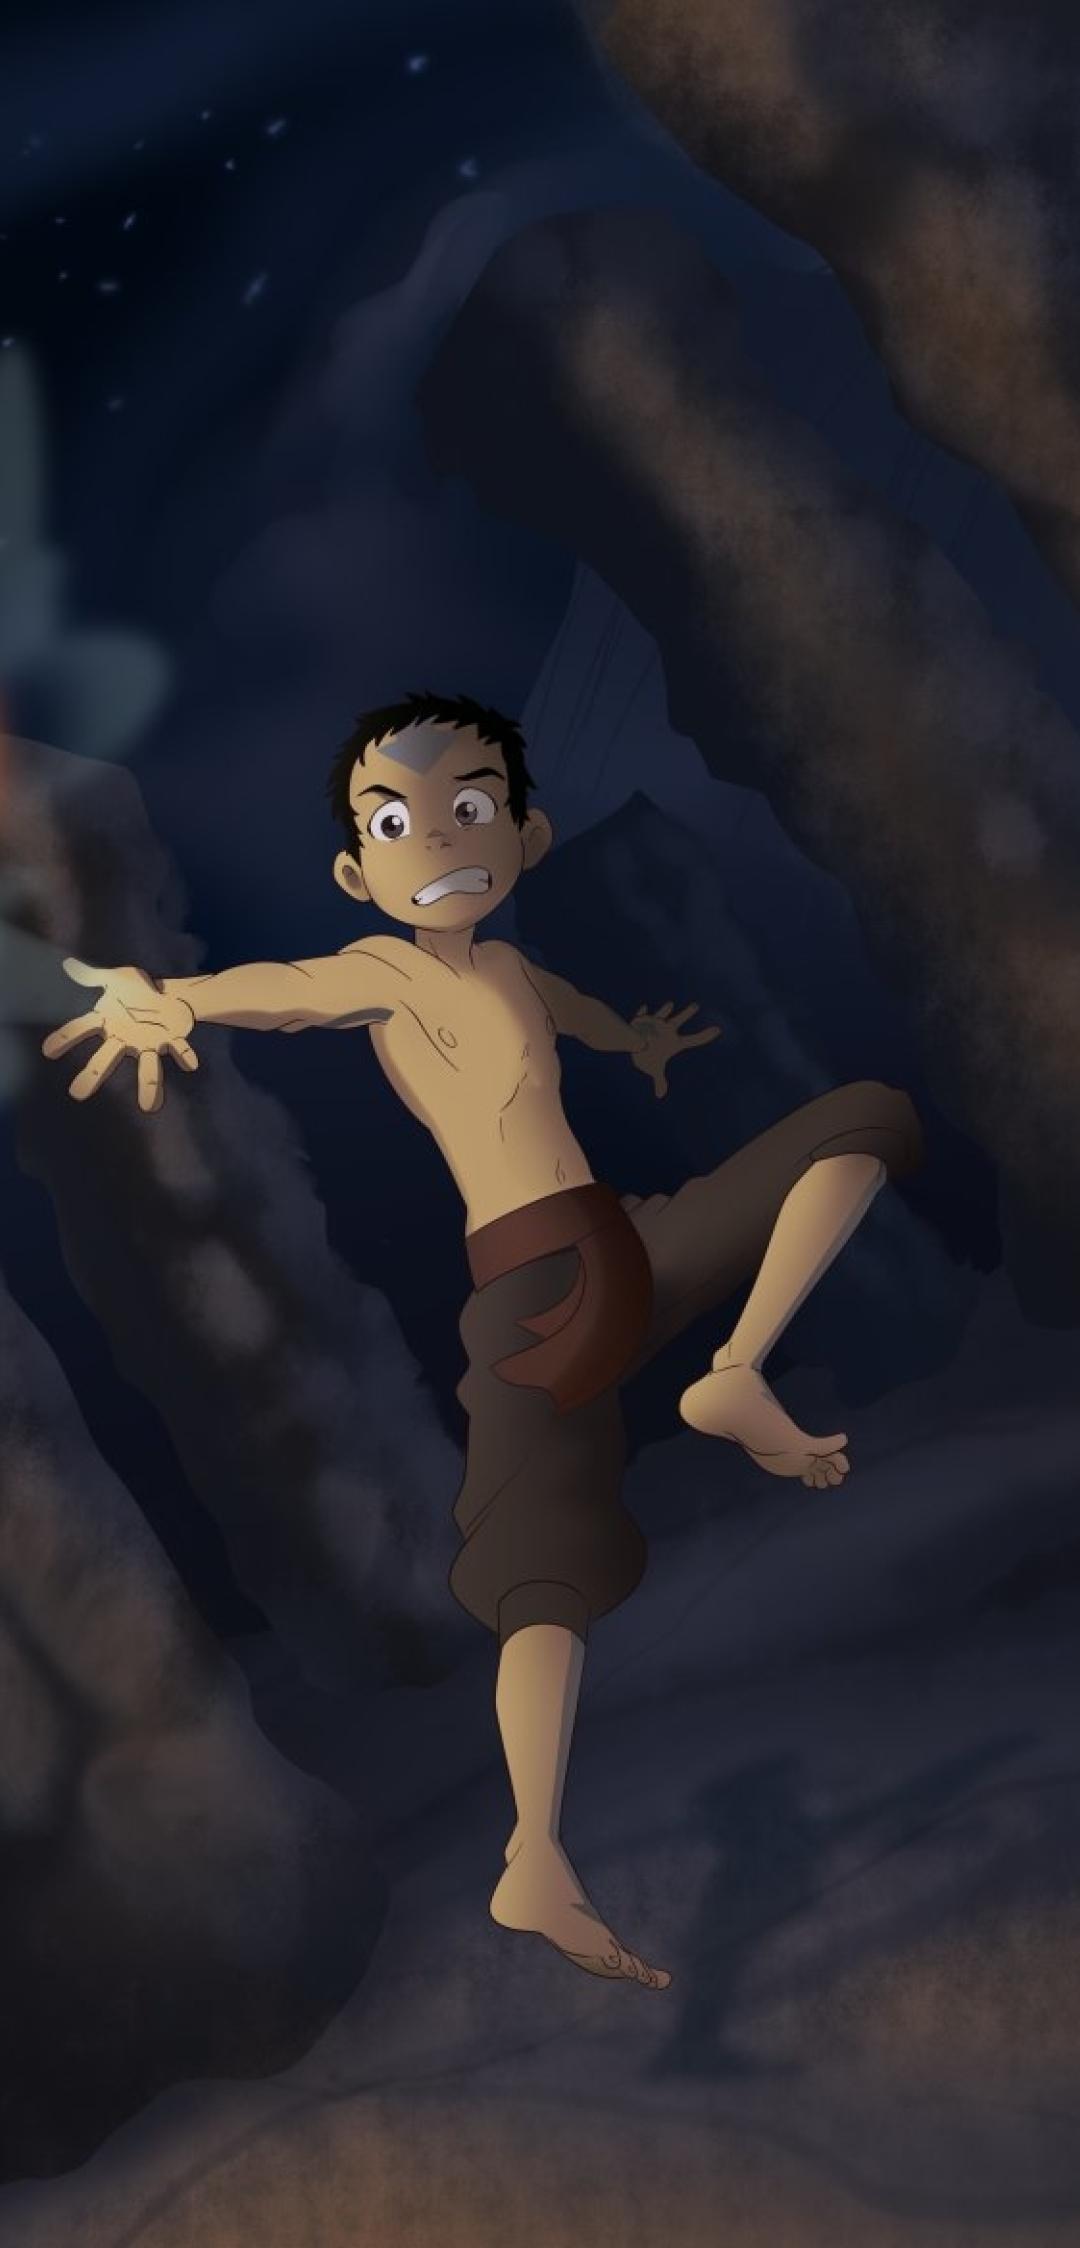 1080x2248 Avatar The Last Airbender 2020 1080x2248 ...